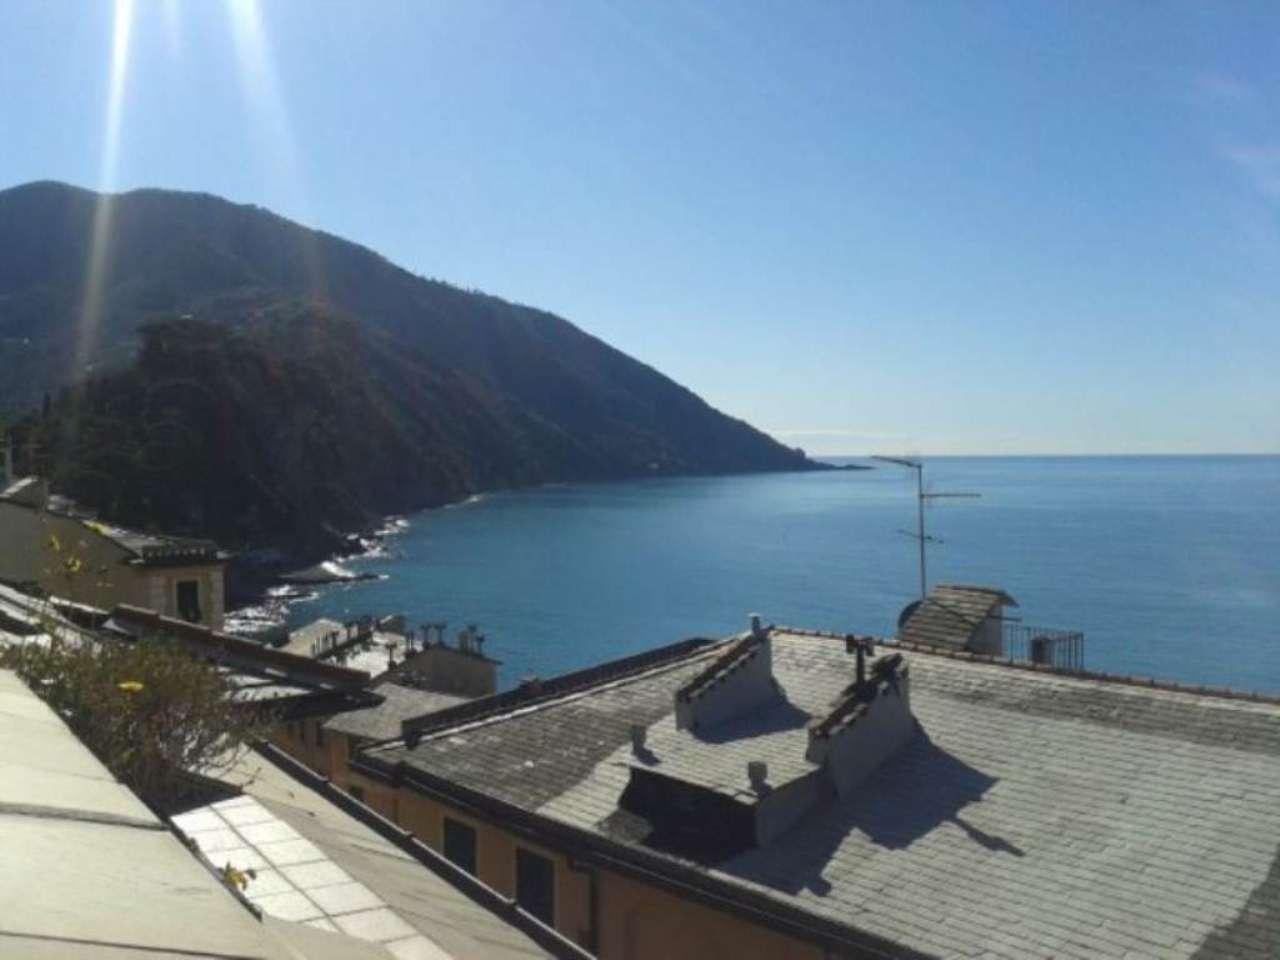 Attico / Mansarda in vendita a Camogli, 4 locali, prezzo € 750.000 | Cambio Casa.it